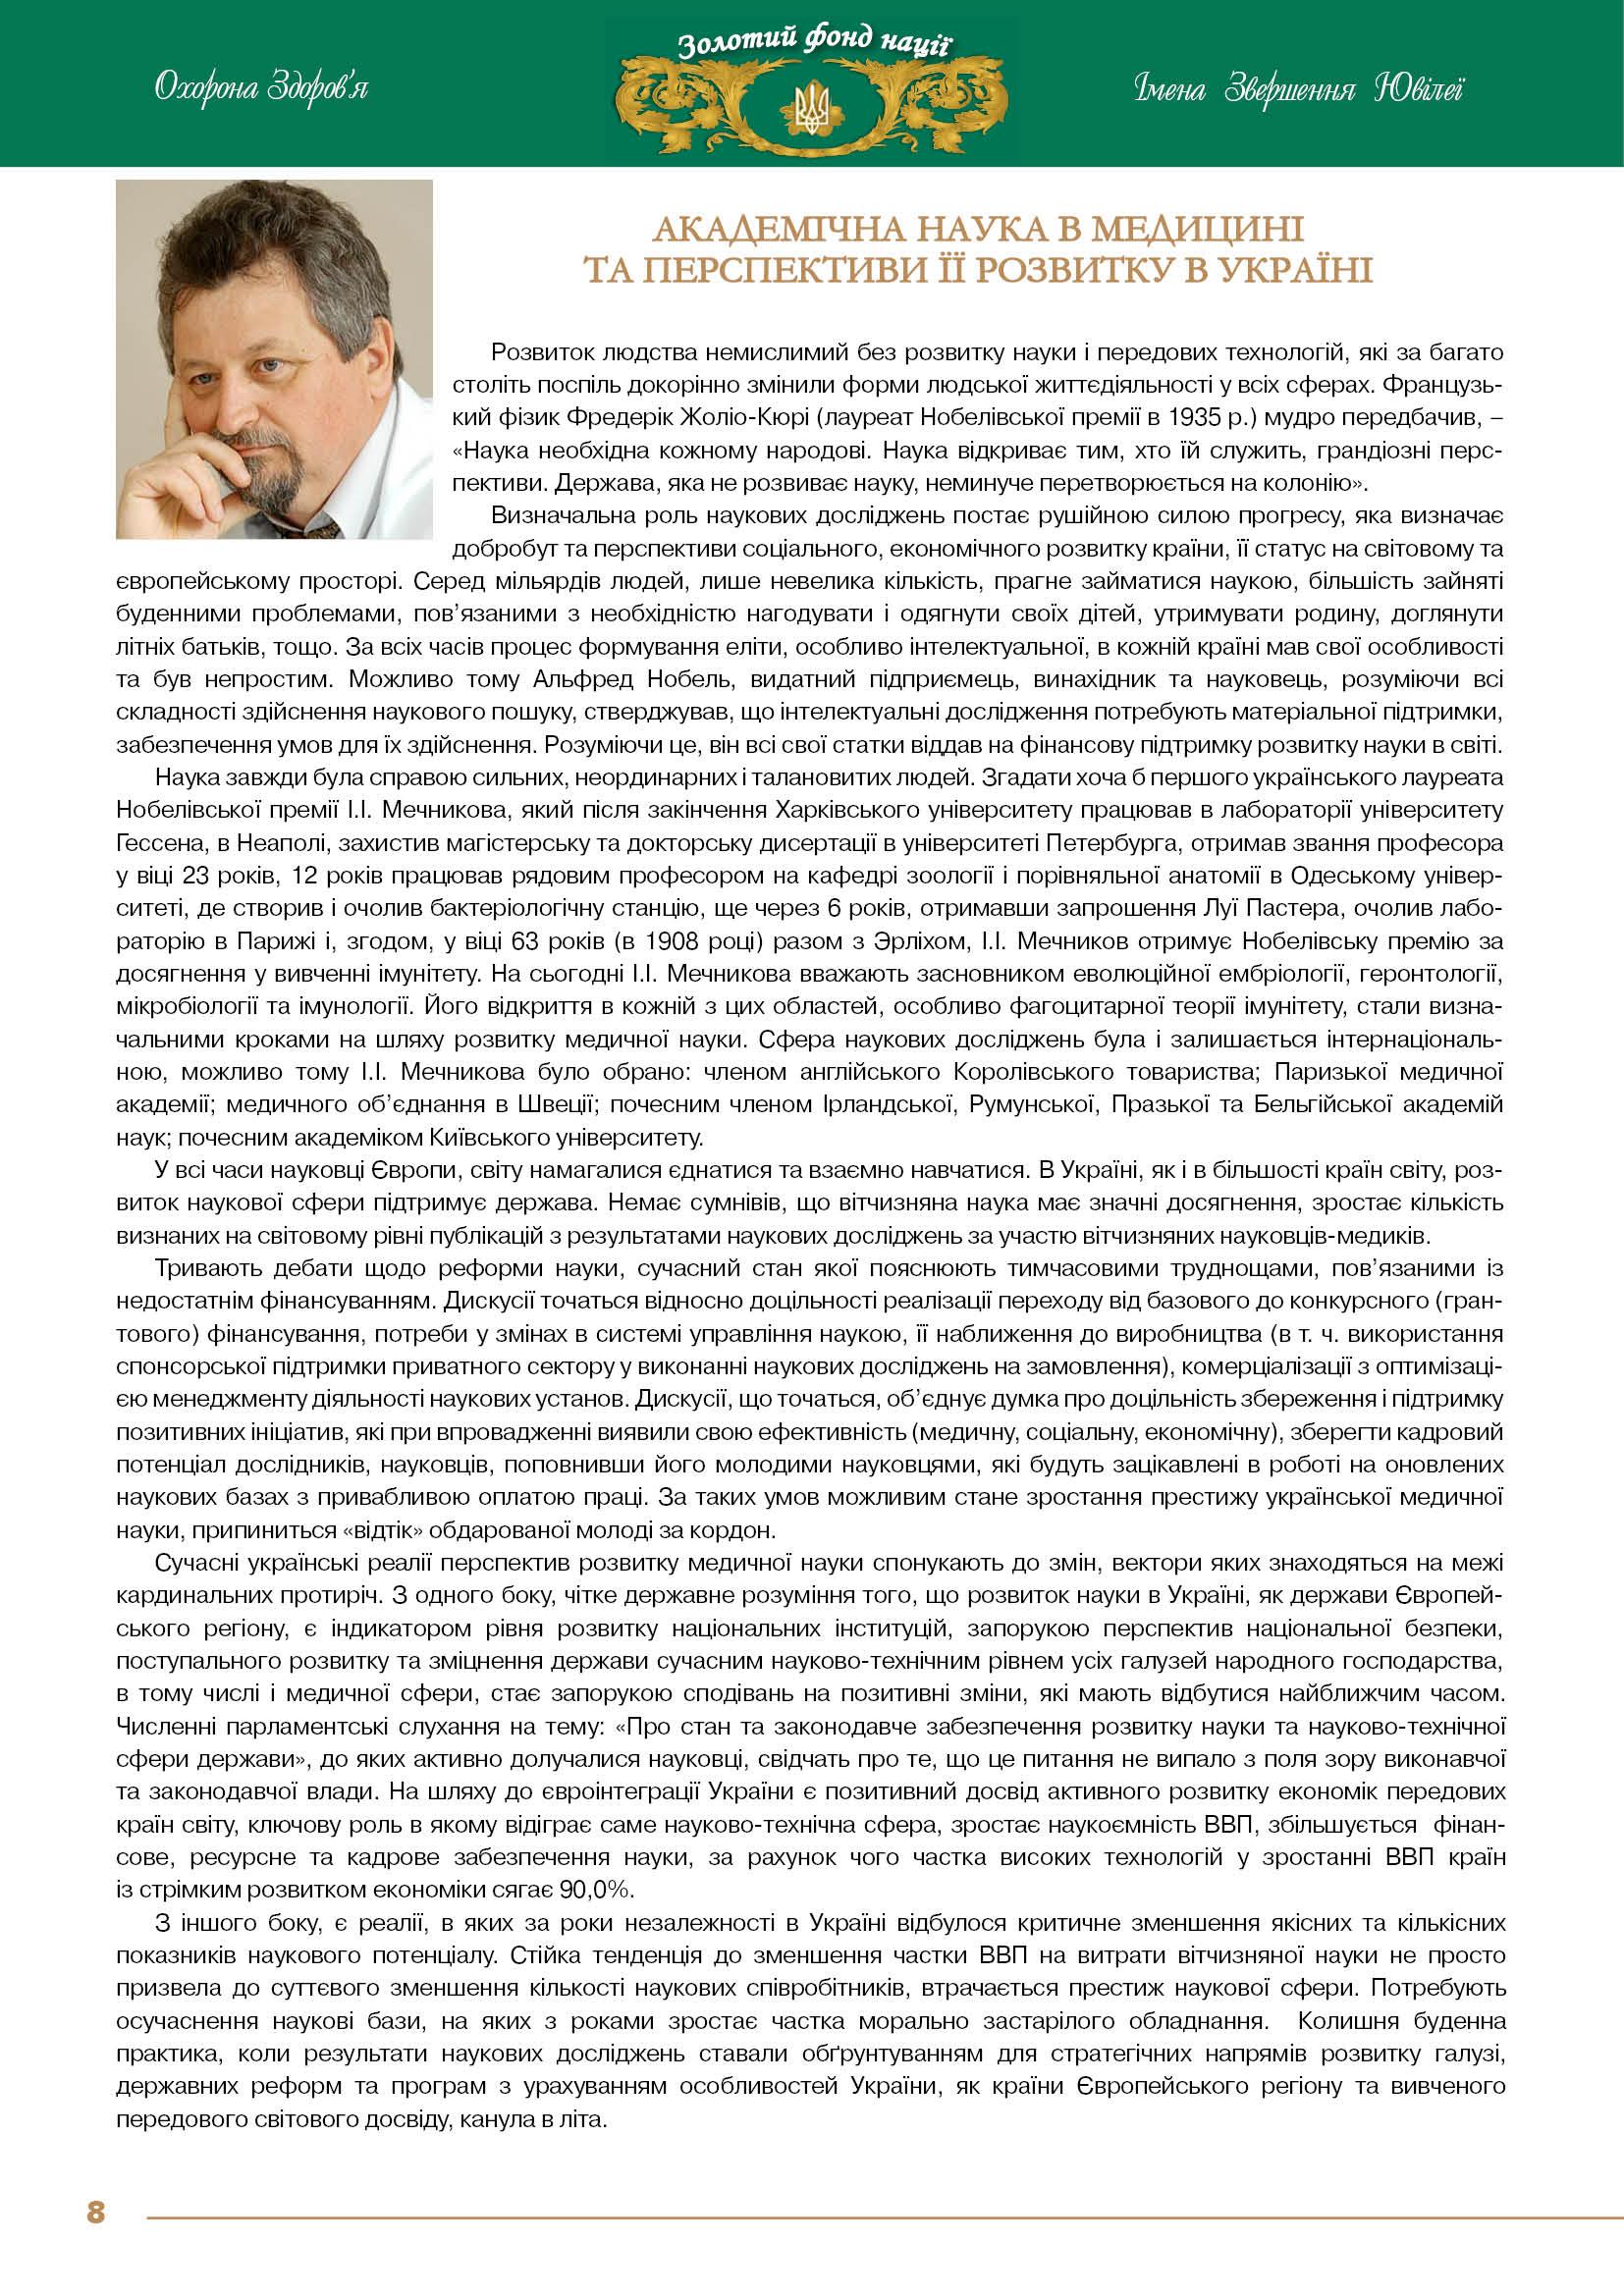 Академічна наука в медицині  та перспективи її розвитку в Україні